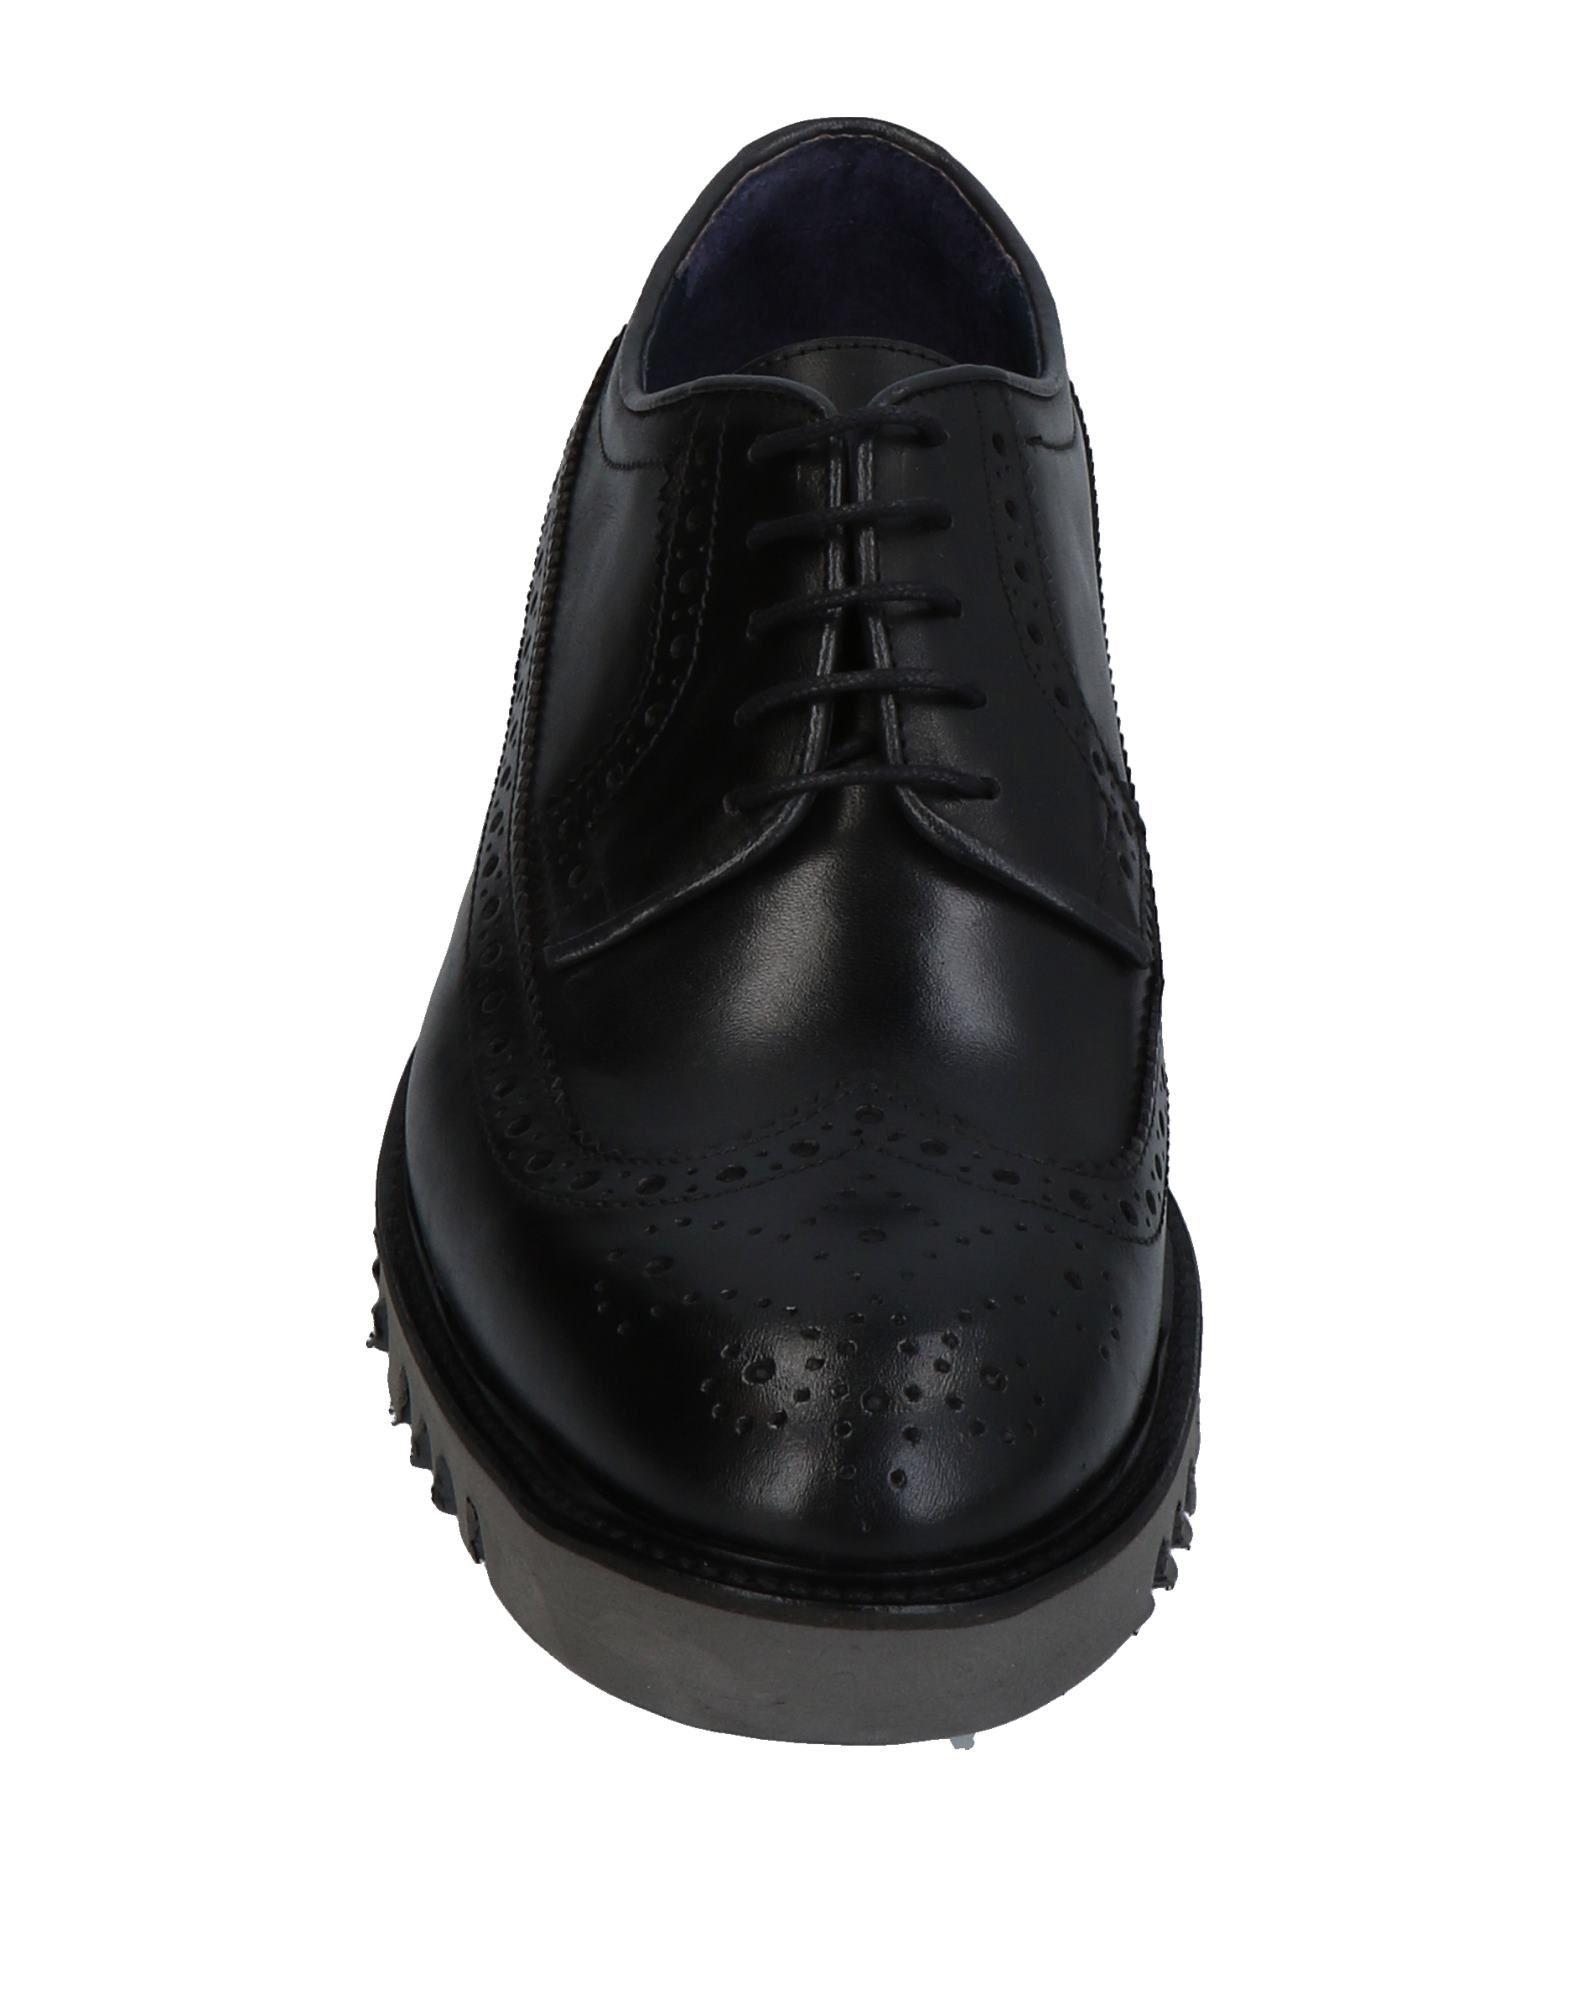 Rabatt echte Schuhe Angelo Pallotta Schnürschuhe Herren  11456216LT